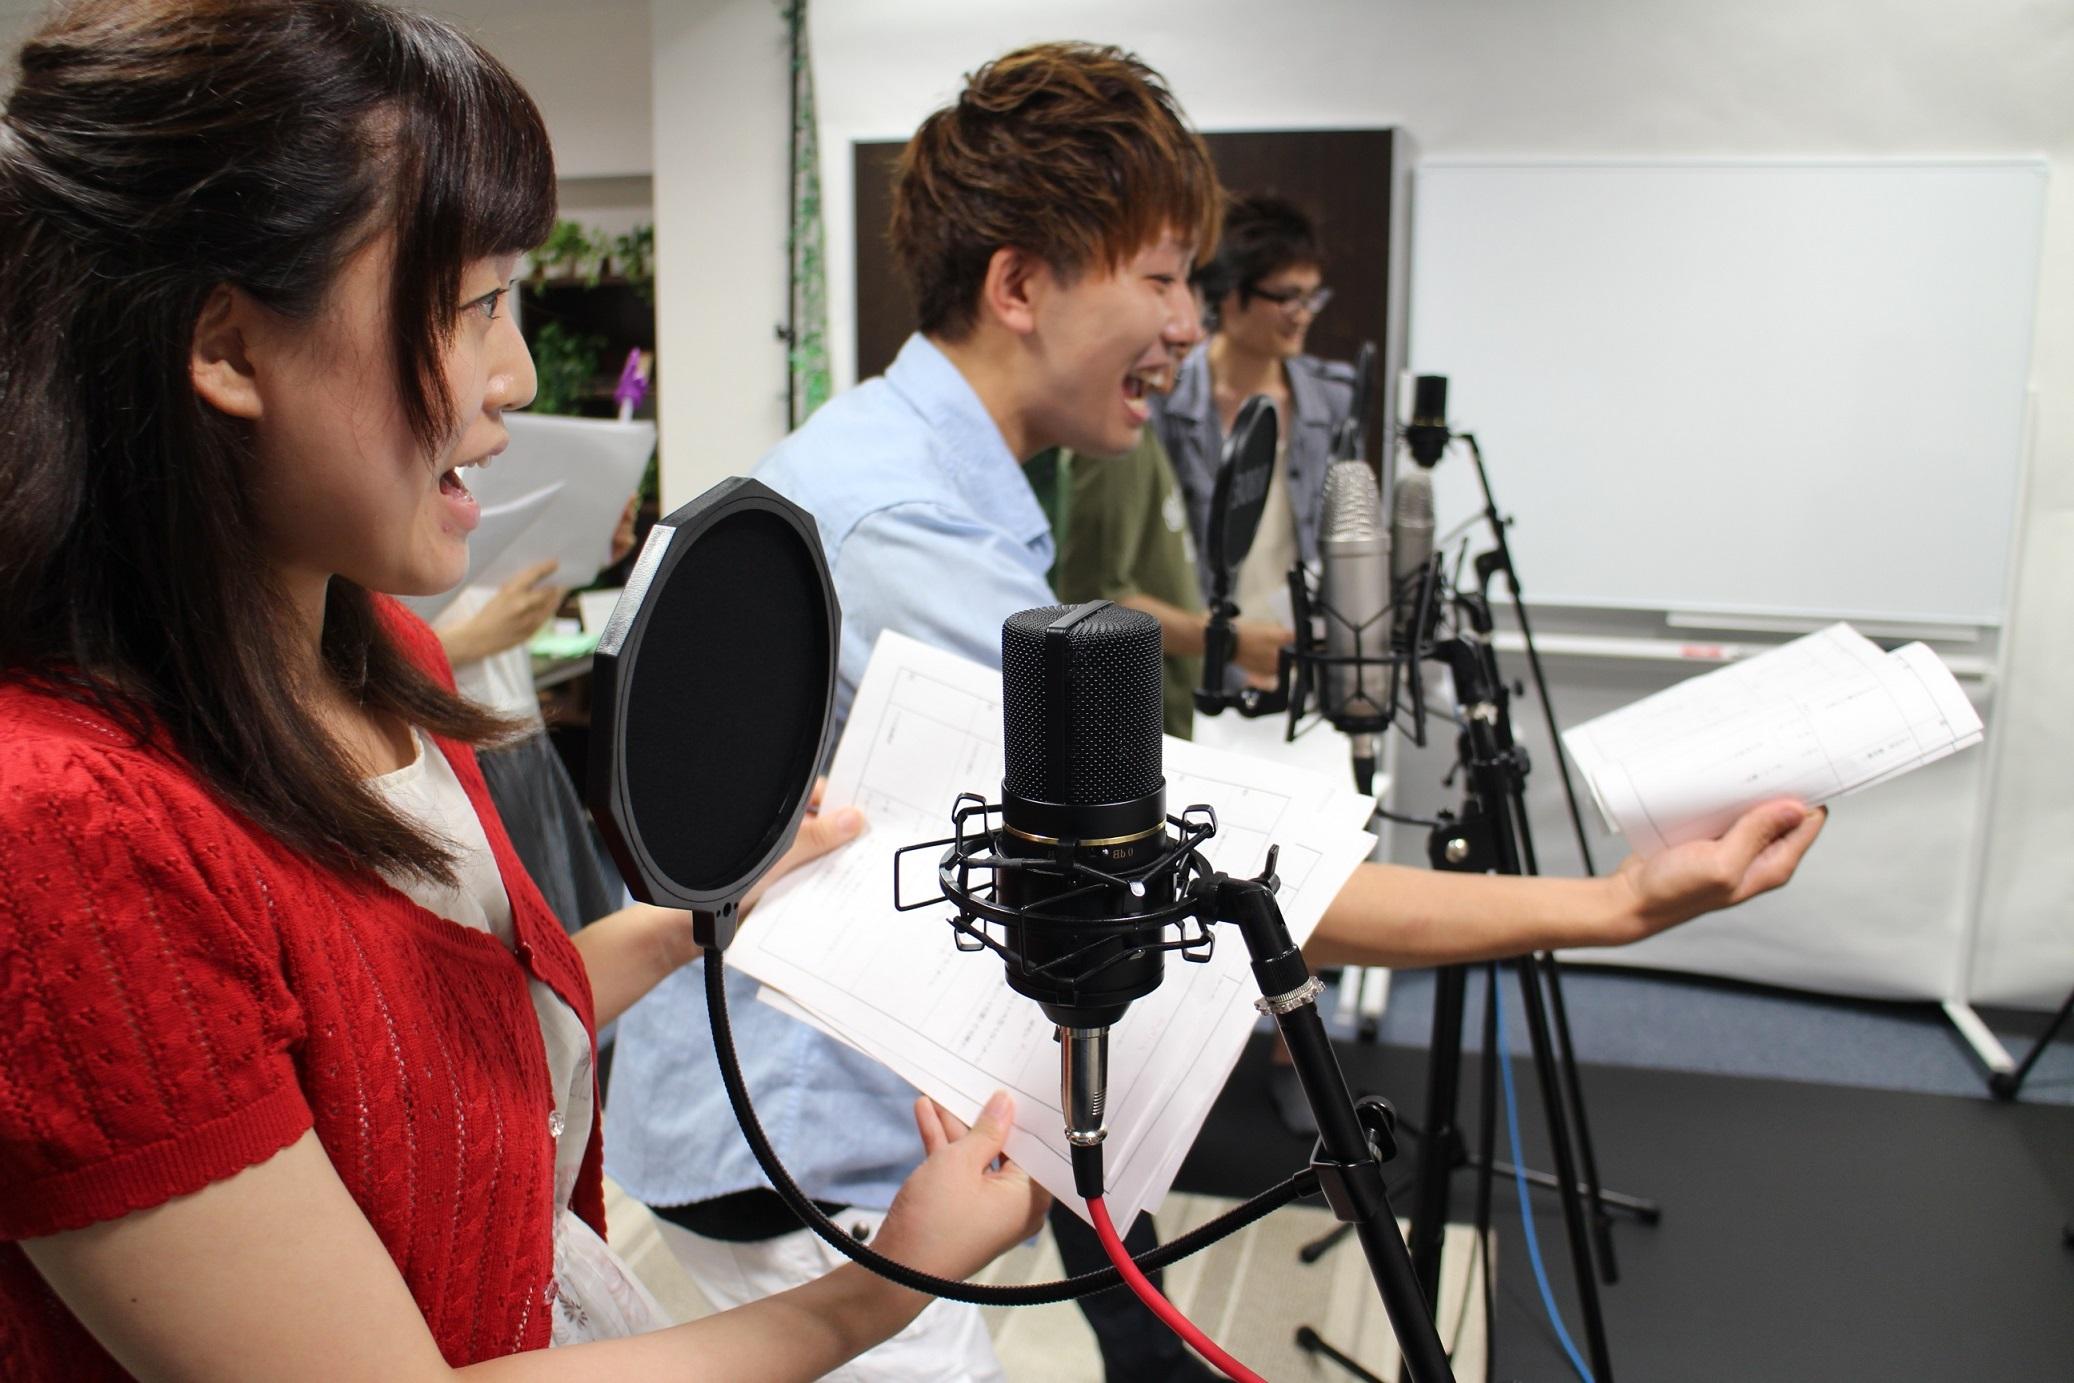 精華学園高等学校 東京ボイス校:他校の声優コースとの違い